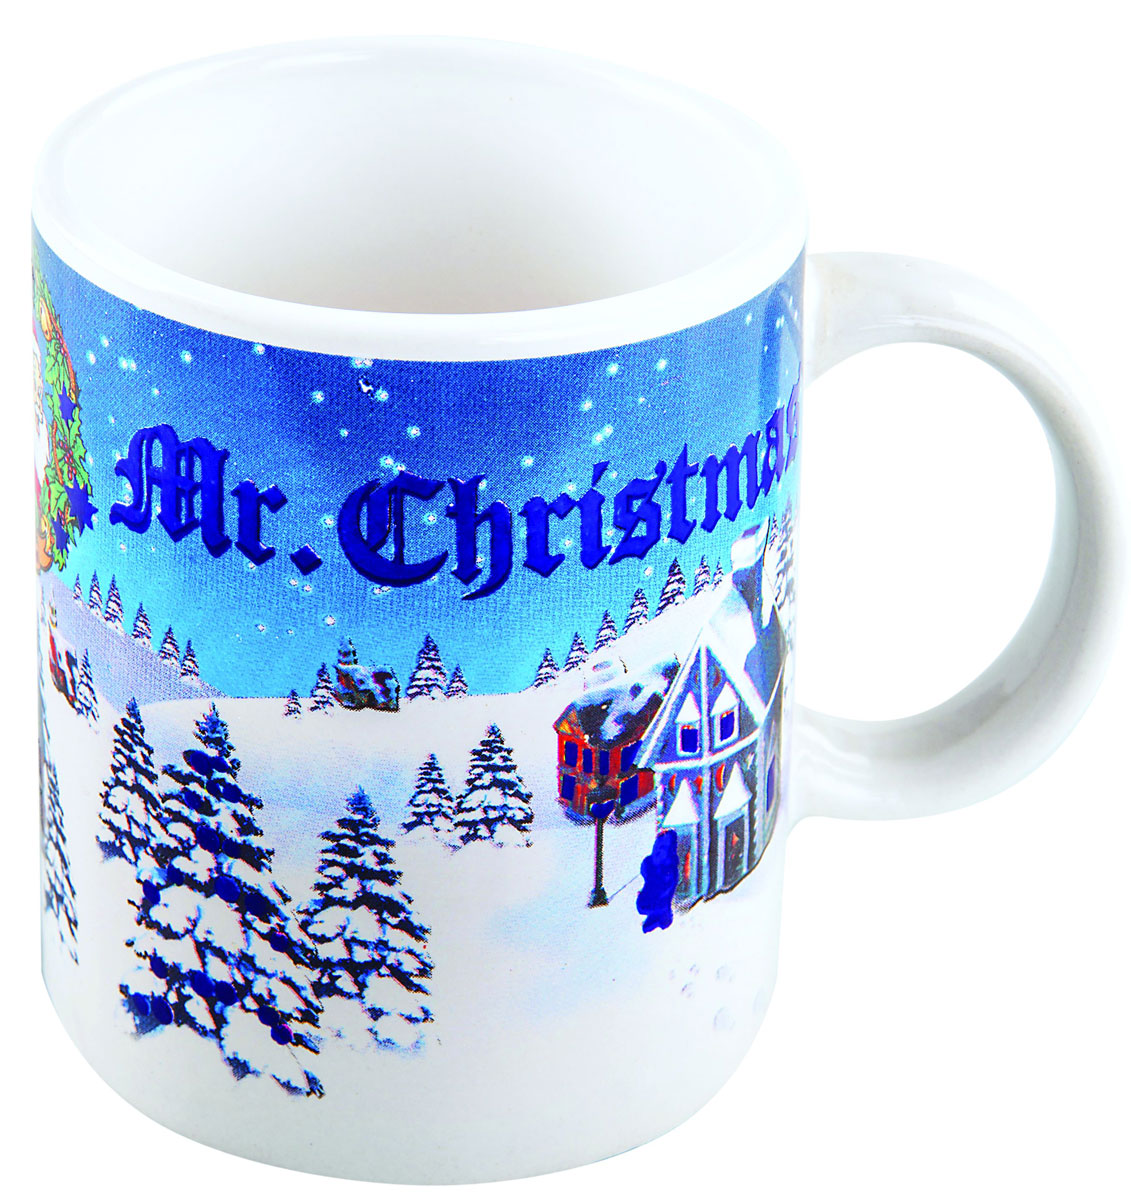 Кружка-хамелеон Mister Christmas, высота 9,5 см115510Кружка-хамелеон Mister Christmas выполнена из высококачественного фарфора. Если в нее налить горячий напиток, то надпись Mr. Christmas меняет цвет. Такой подарок станет не только приятным, но и практичным сувениром: кружка станет незаменимым атрибутом чаепития, а оригинальный дизайн вызовет улыбку.